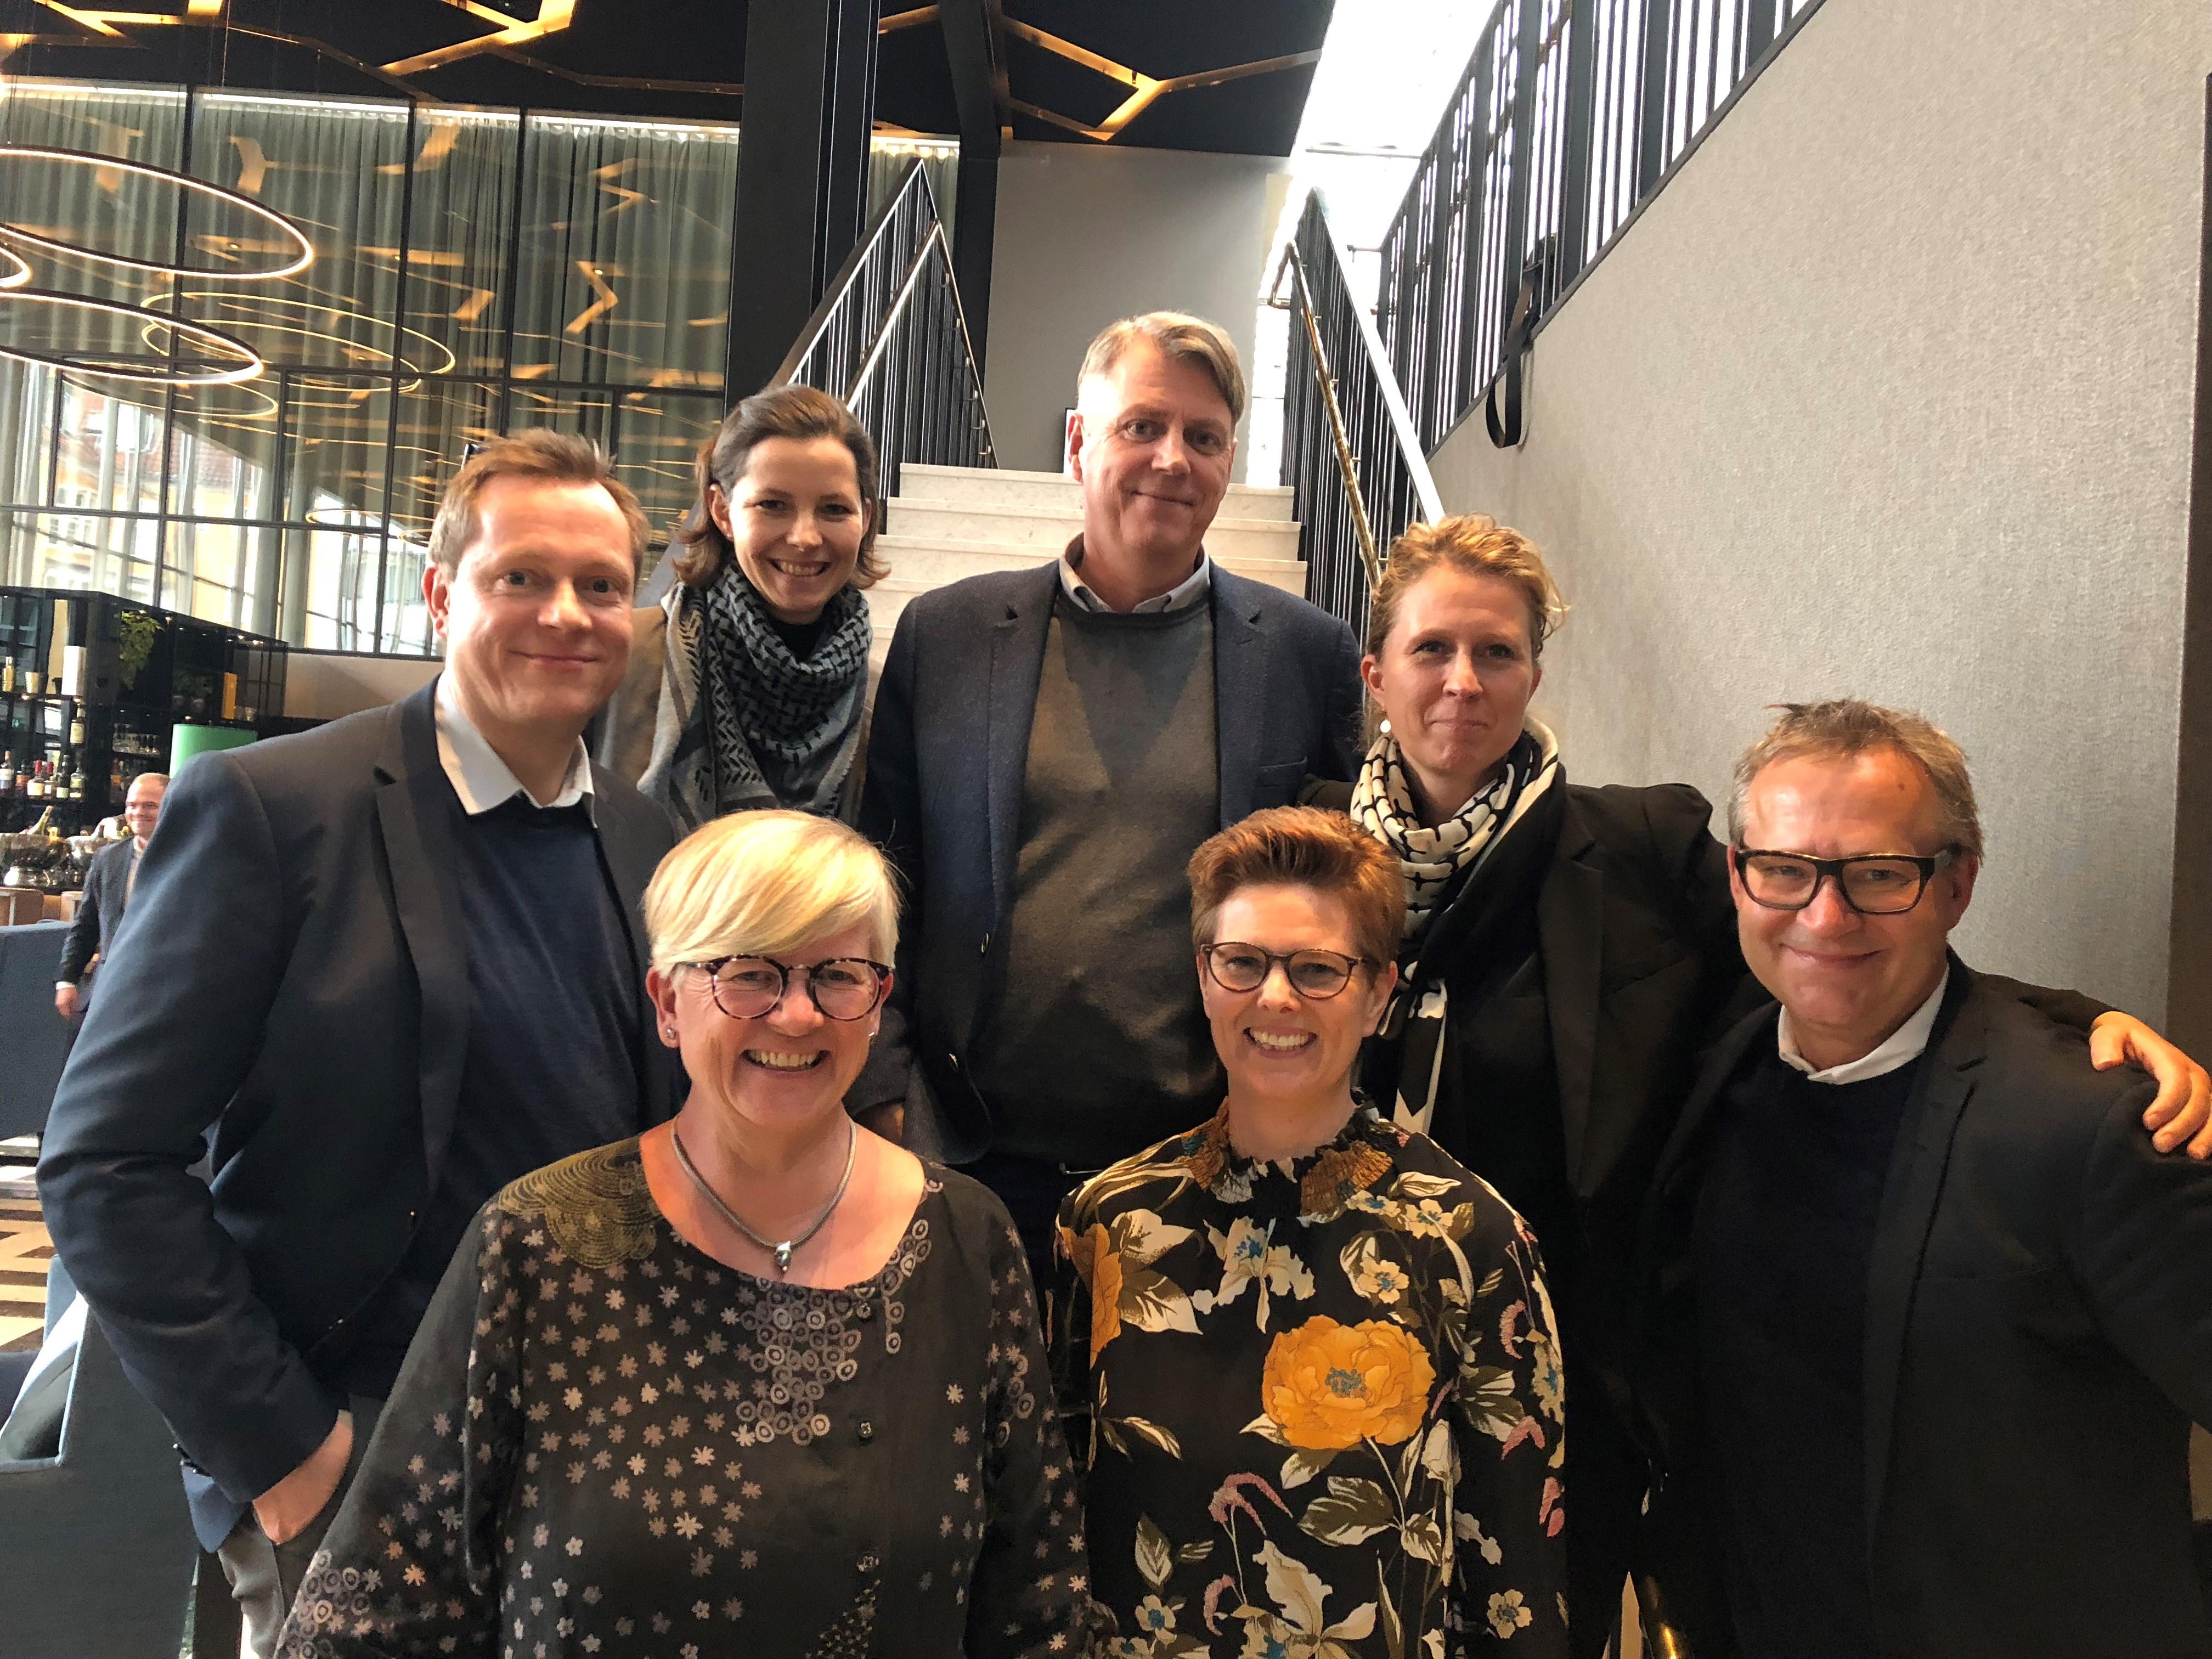 Hovedparten af DBTA's bestyrelse, forrest fra venstreAnne Mette Berg, formand Mette Bank og Jeppe Mühlhausen. Bagest fra venstre: Tonny Lacomble Nielsen, Anne M. Christiansen, Jens Liltorp og Line Høgild.